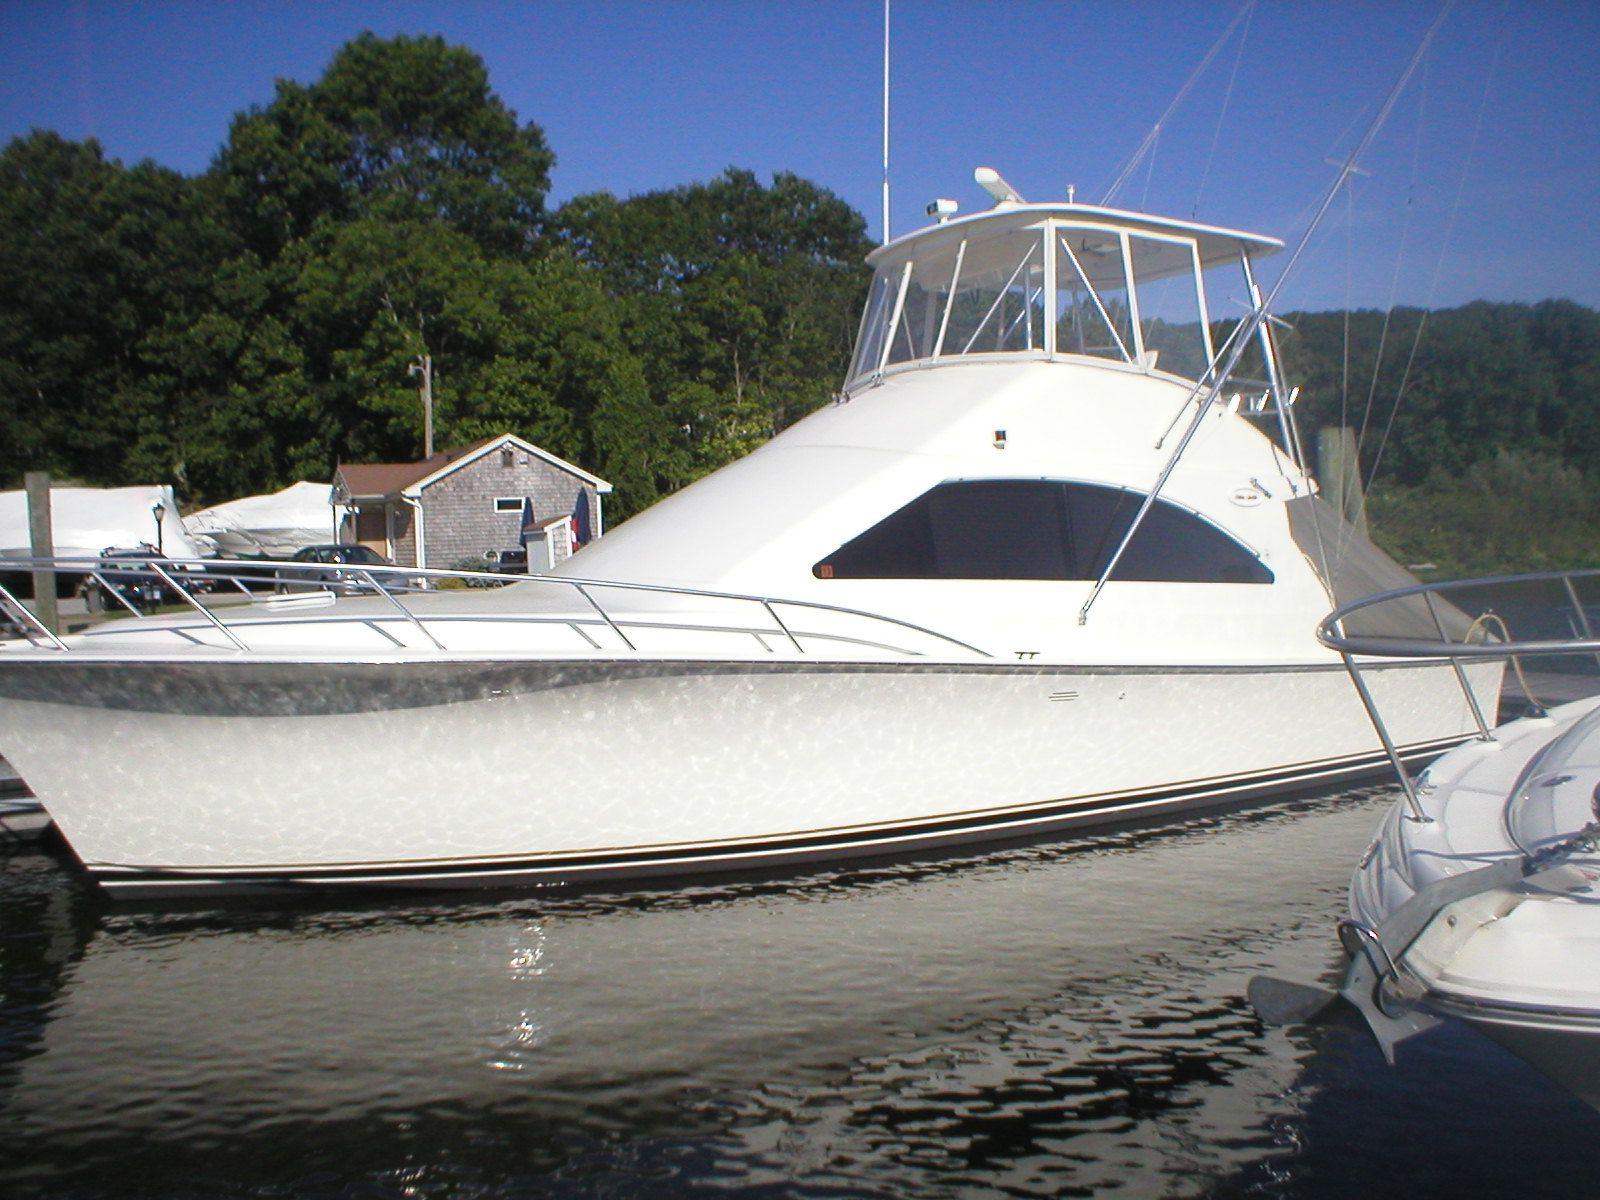 2004 Ocean 43 Super Sport Power Boat For Sale Www